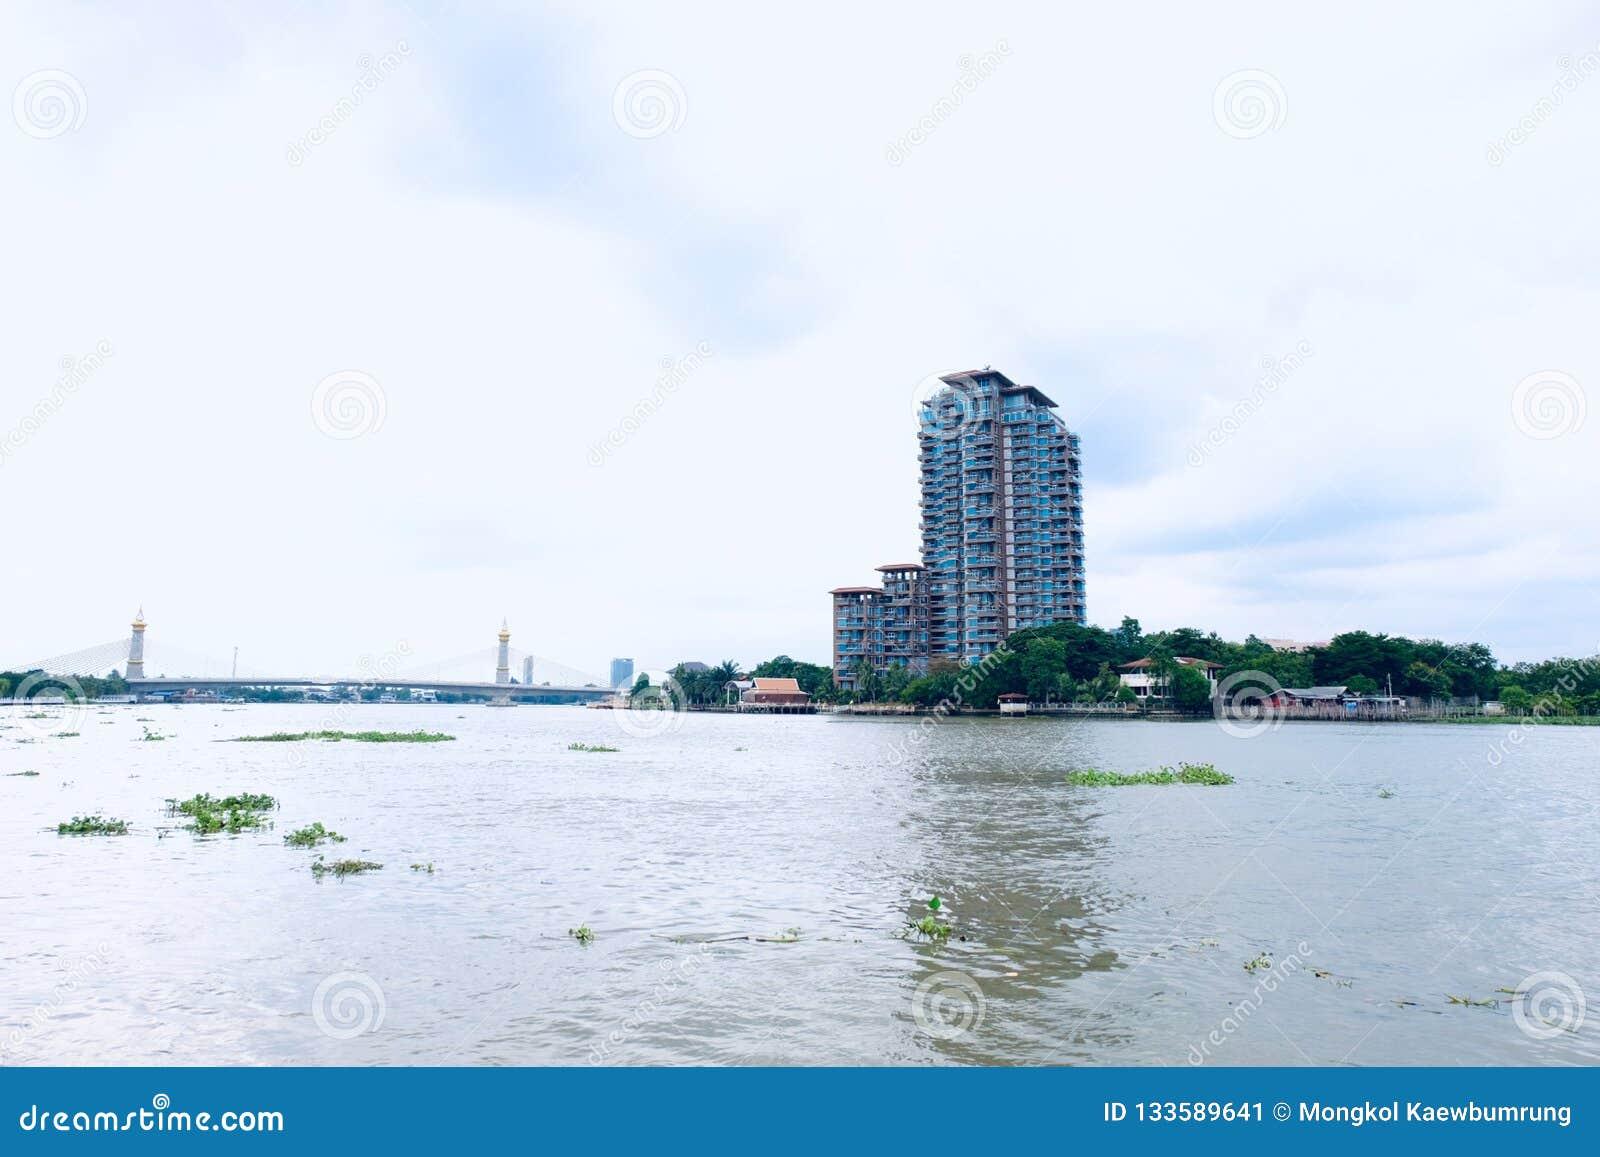 Thais Rivieroeverflatgebouw met koopflats achter de brug